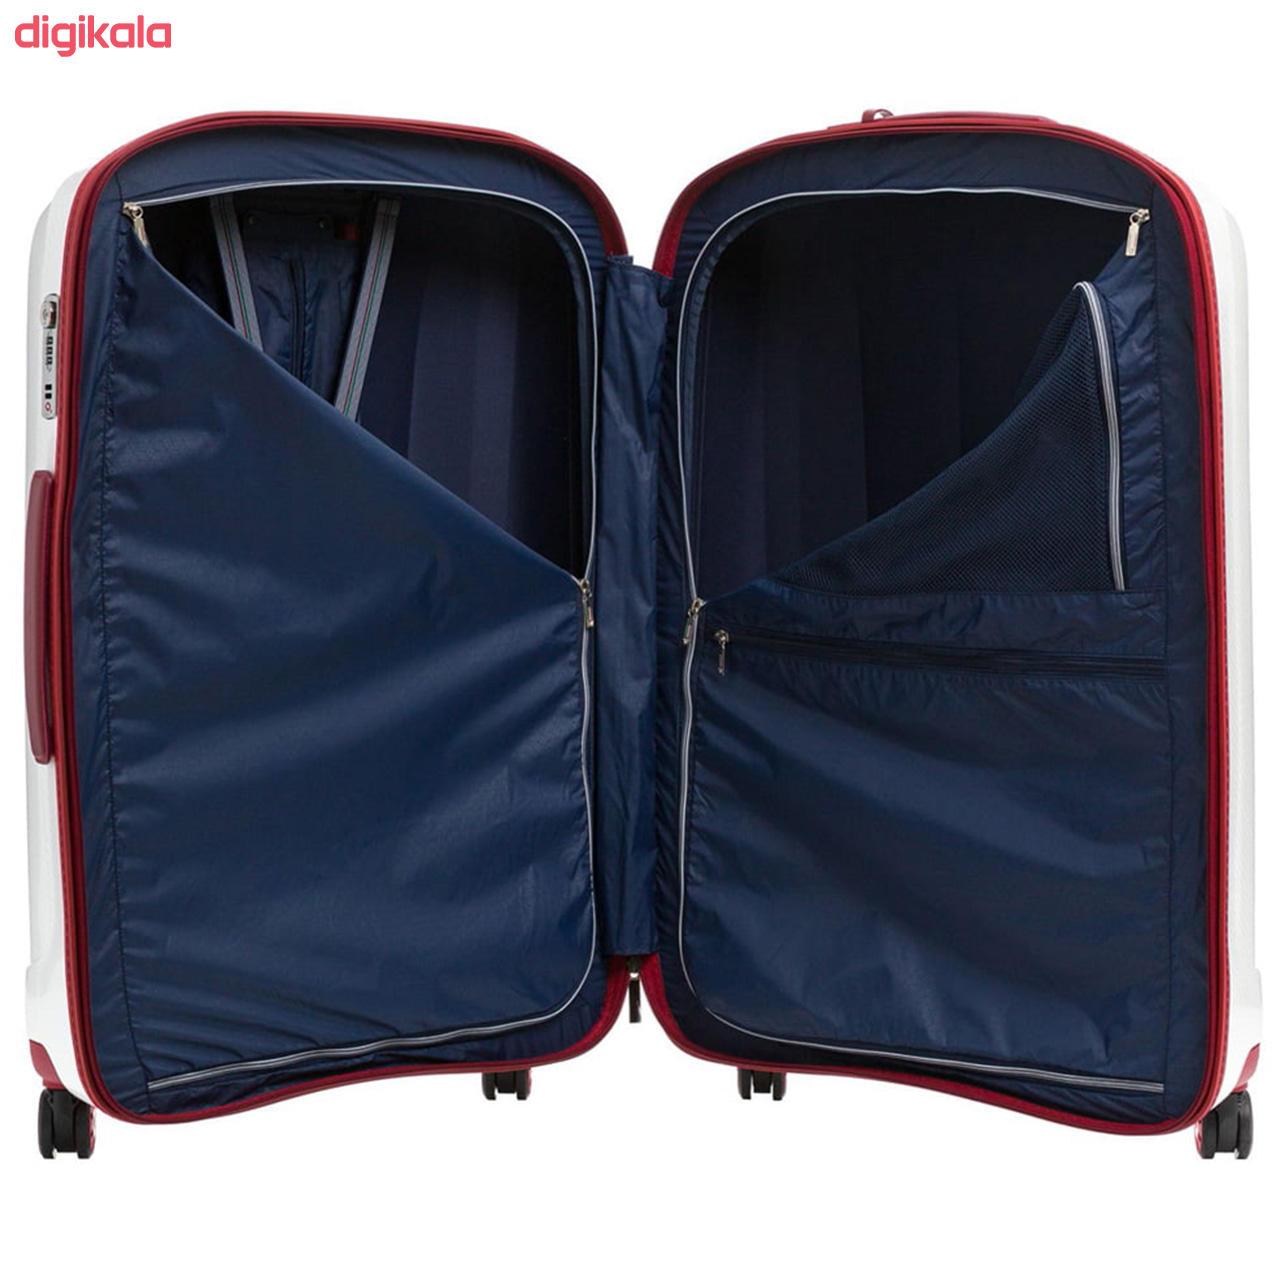 مجموعه سه عددی چمدان رونکاتو مدل 5950 main 1 22